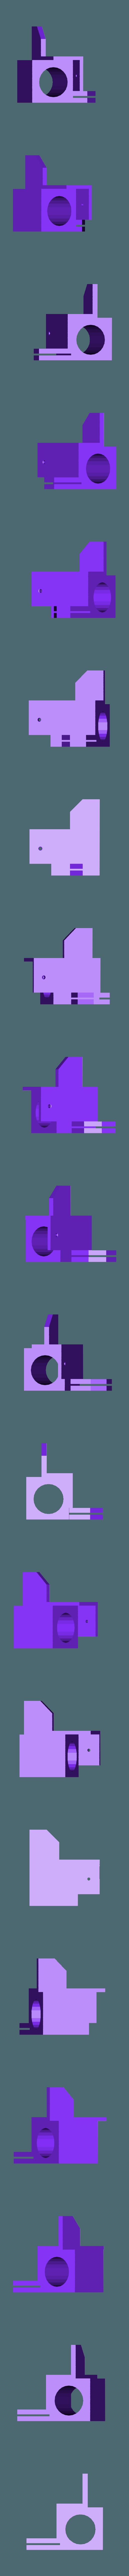 Lack_raiser-back-RIGHT.stl Télécharger fichier STL gratuit Risques d'absence de table pour l'enceinte • Objet pour imprimante 3D, Hobb3s